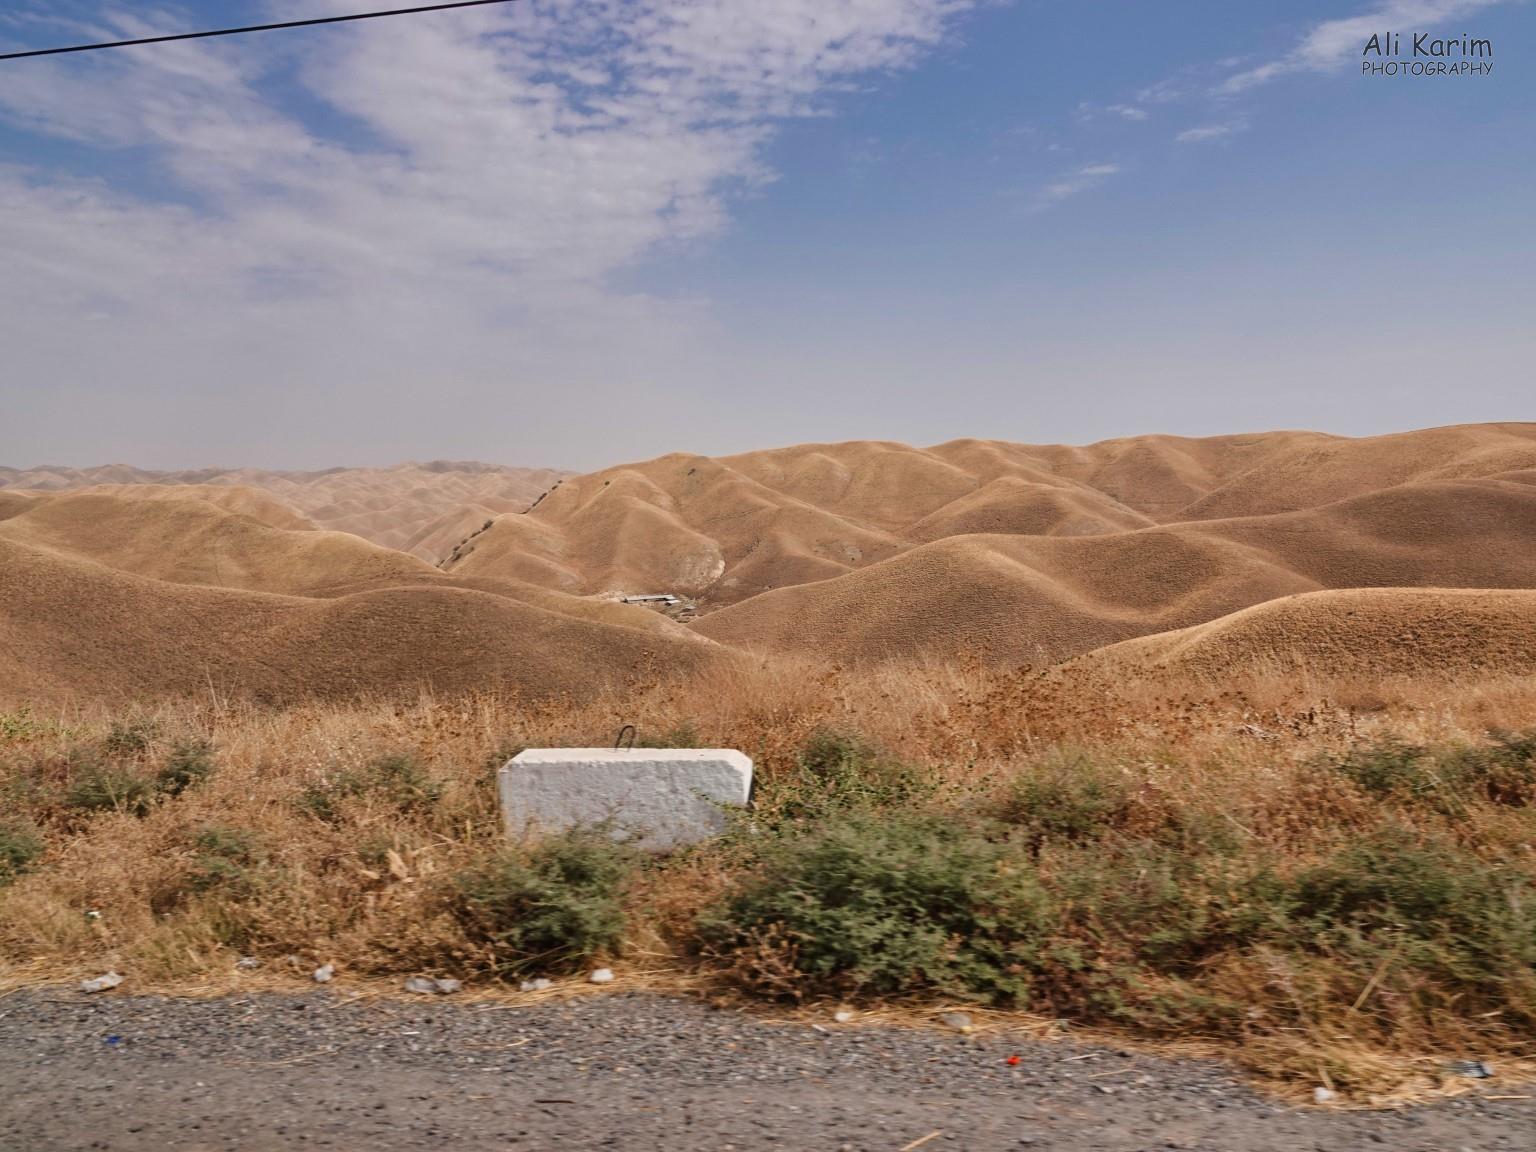 Dushanbe, Tajikistan Landscape change into rolling hills